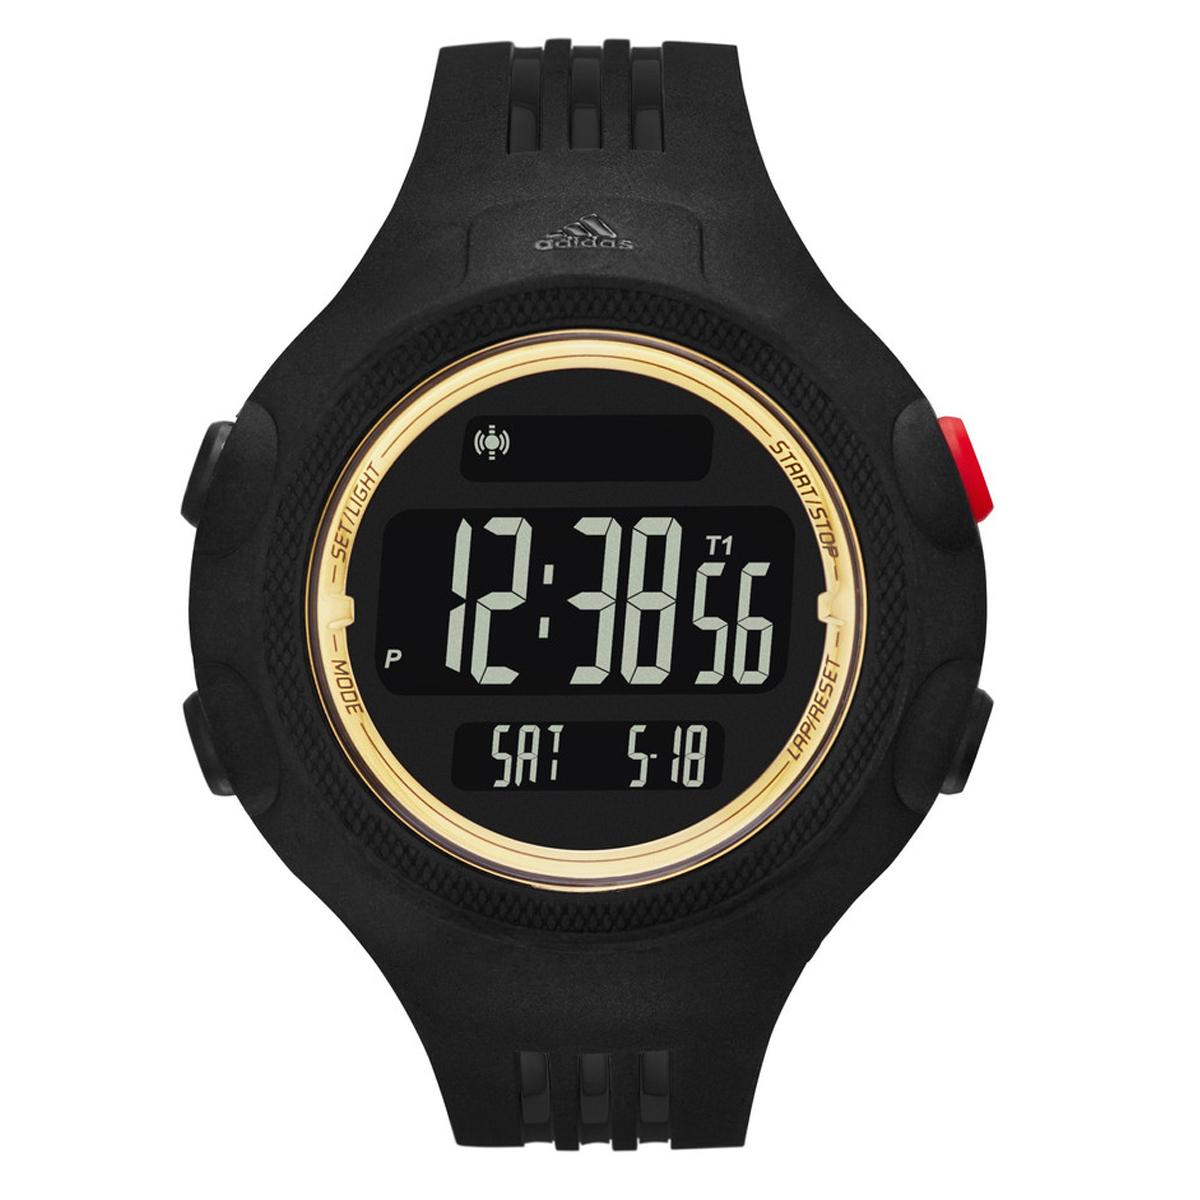 นาฬิกาผู้ชาย Adidas รุ่น ADP6137